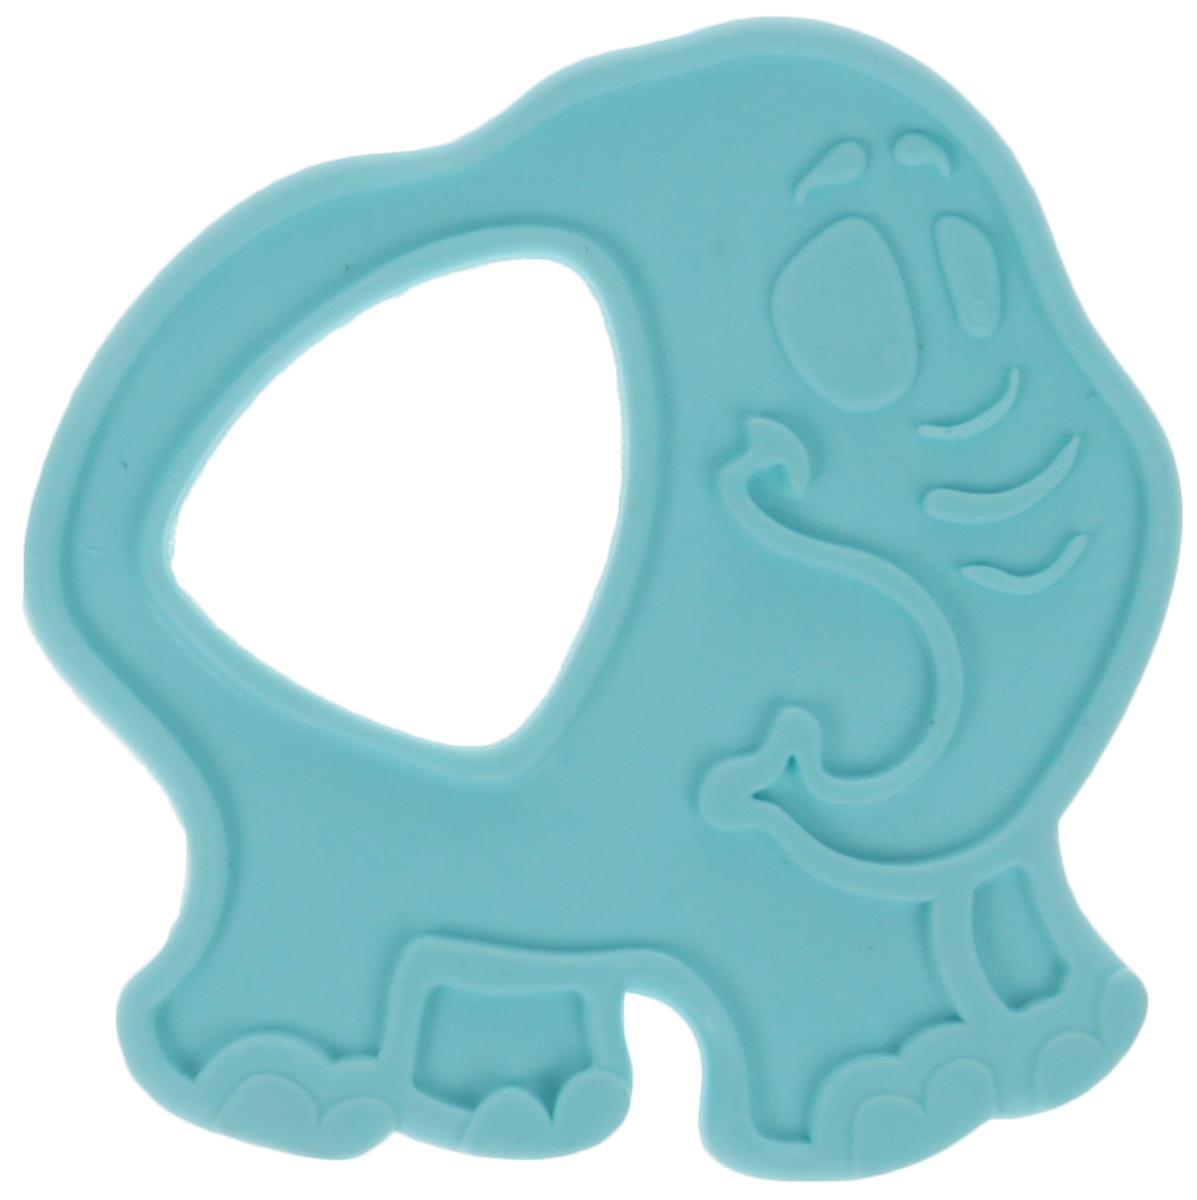 Пластмастер Прорезыватель Слоник цвет голубой